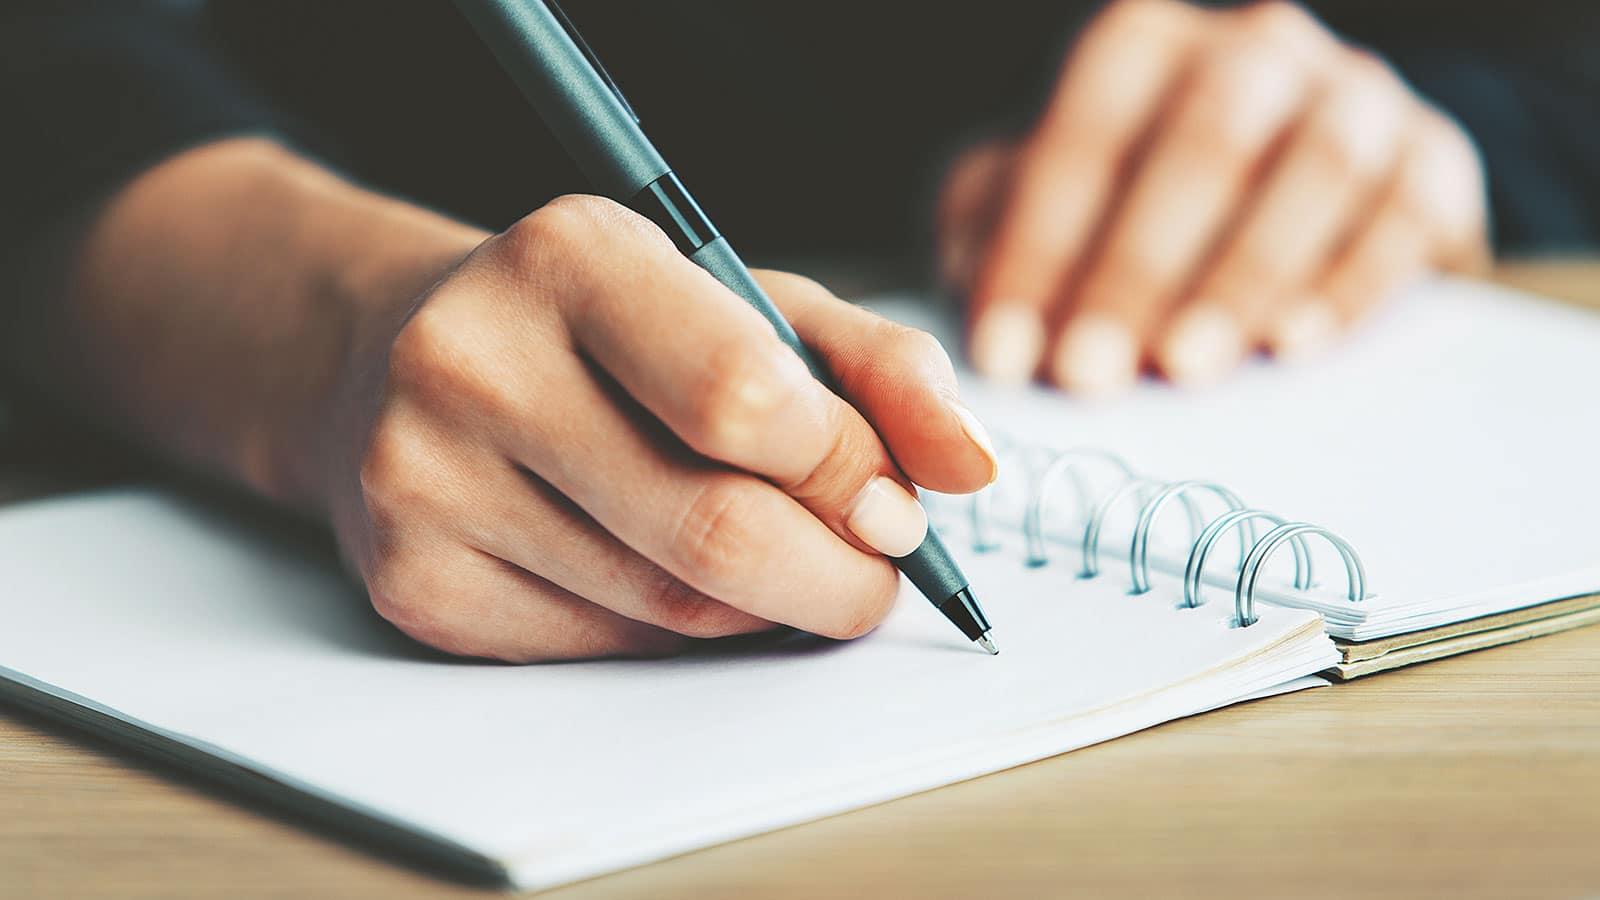 ما زلتُ أكتبُ